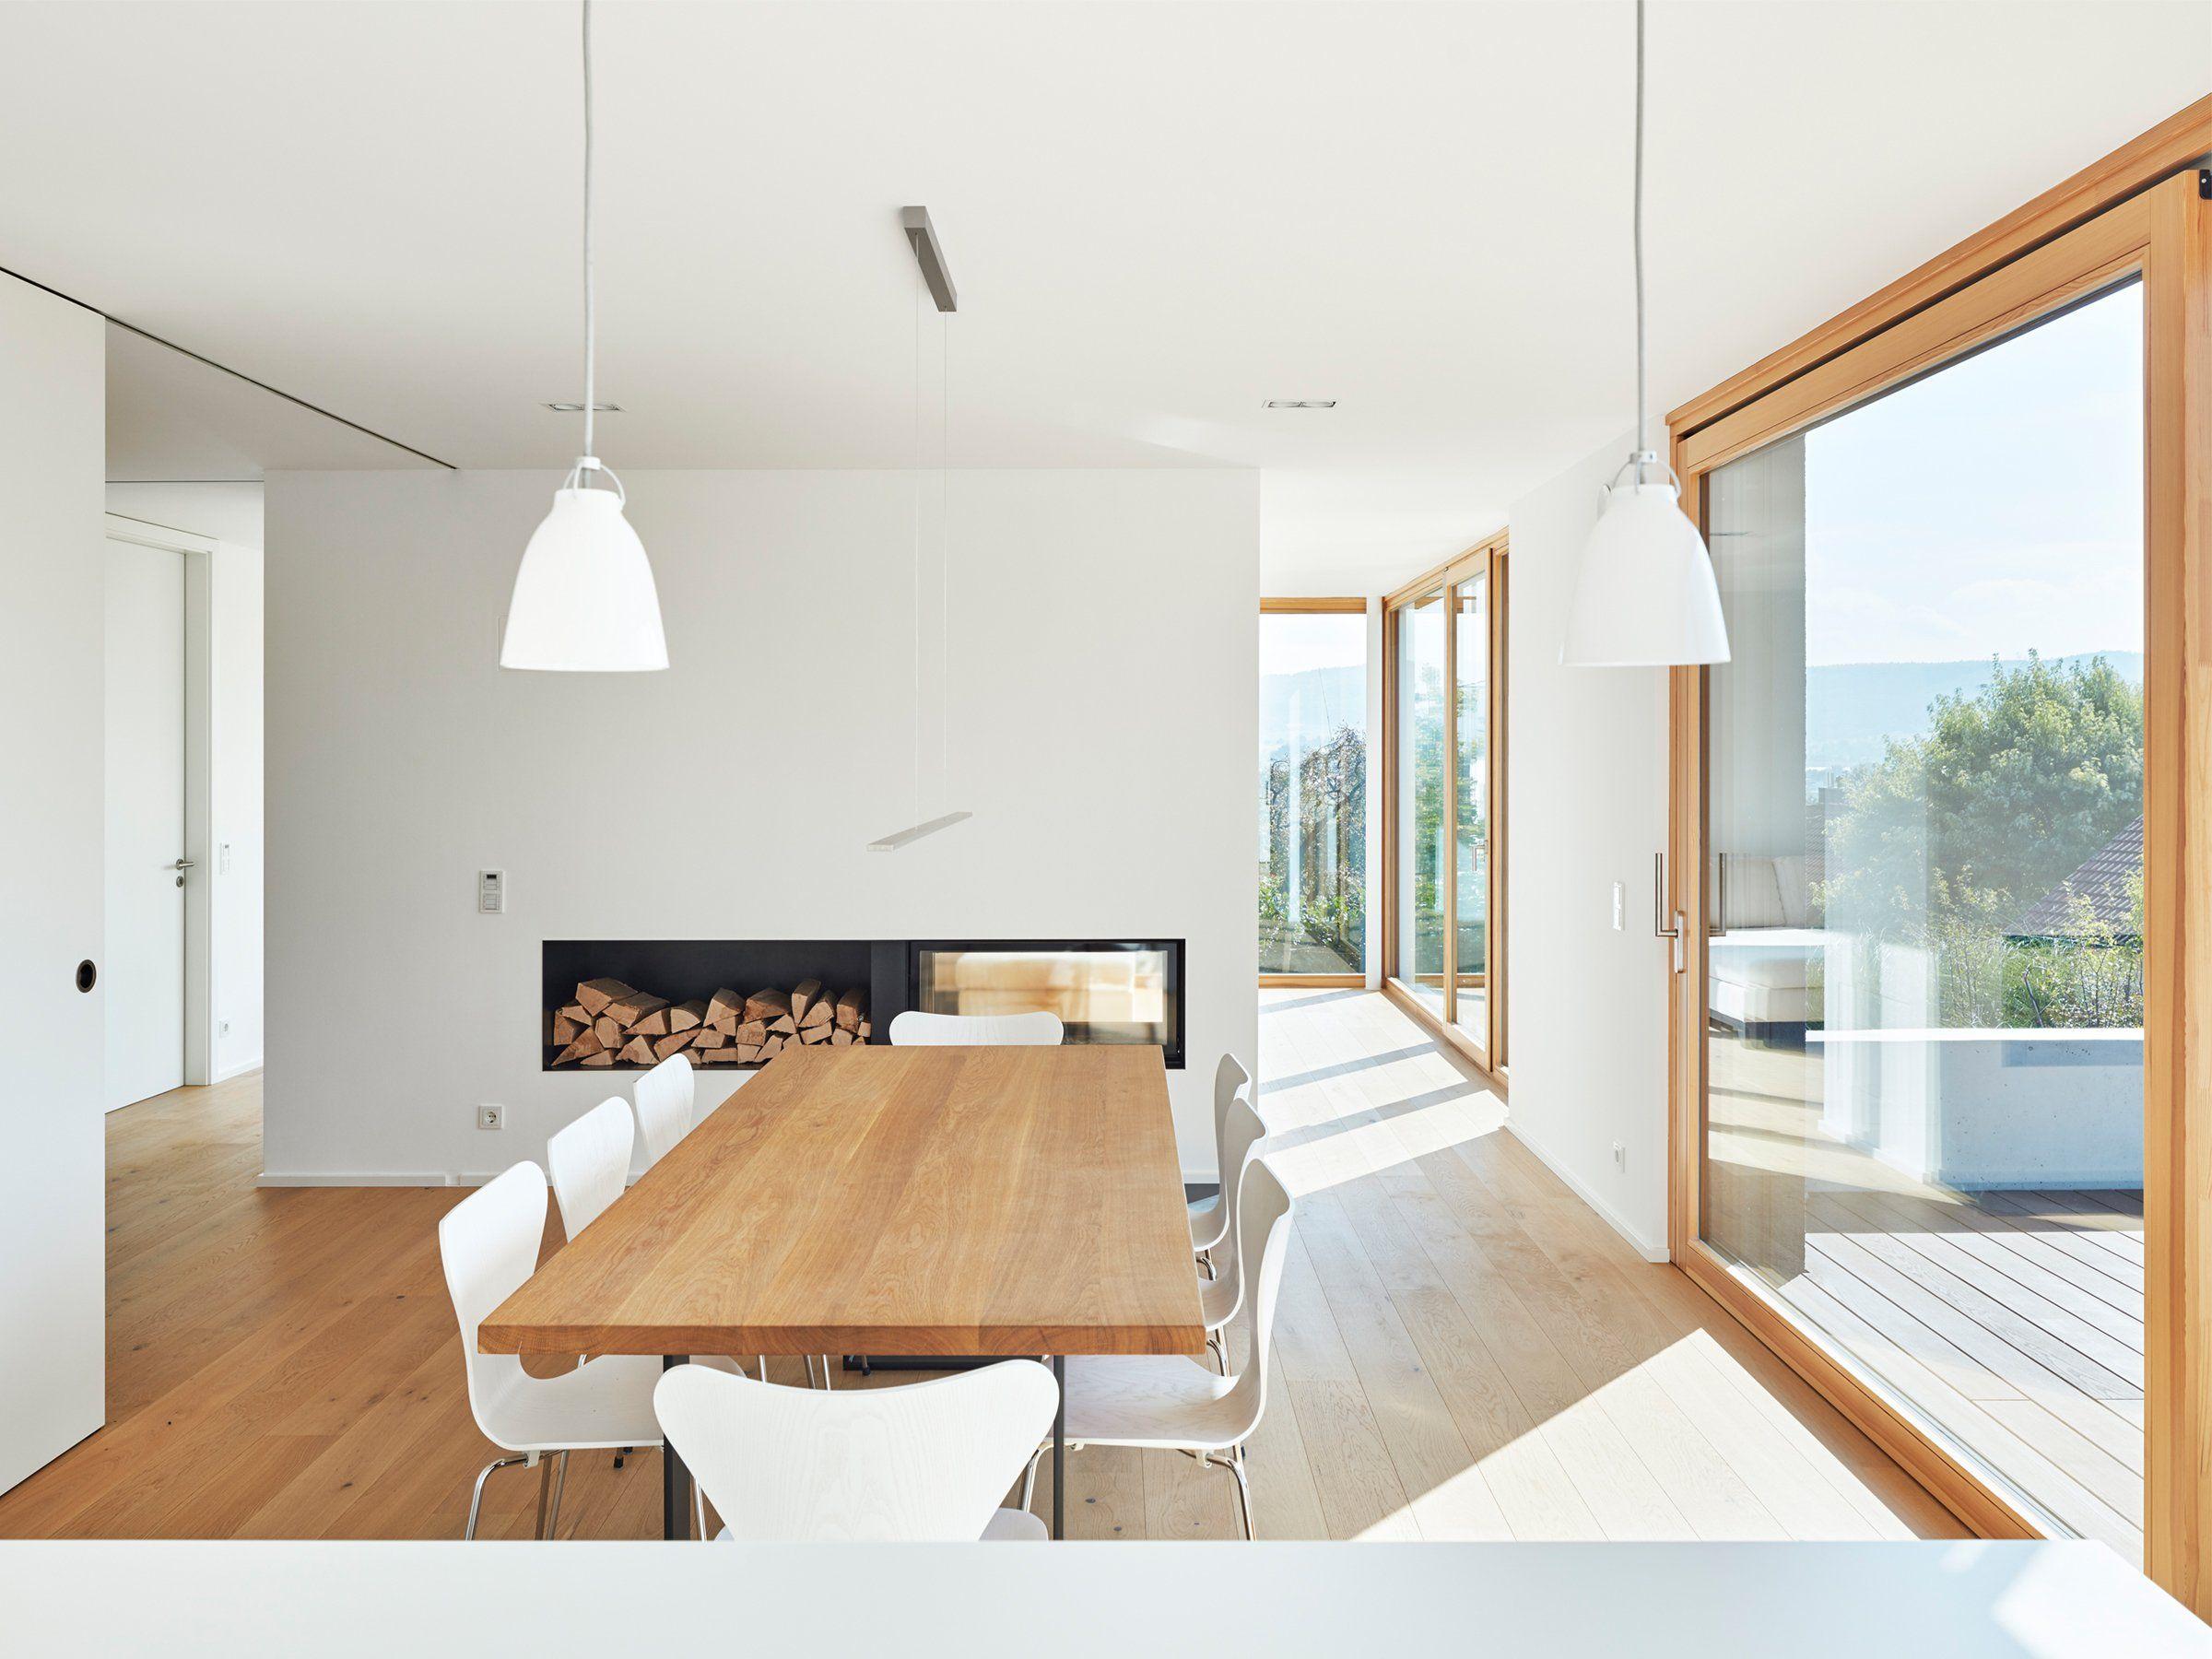 Wohnhaus Neuenstein 2 - Mattes Riglewski Architekten #farmhousediningroom